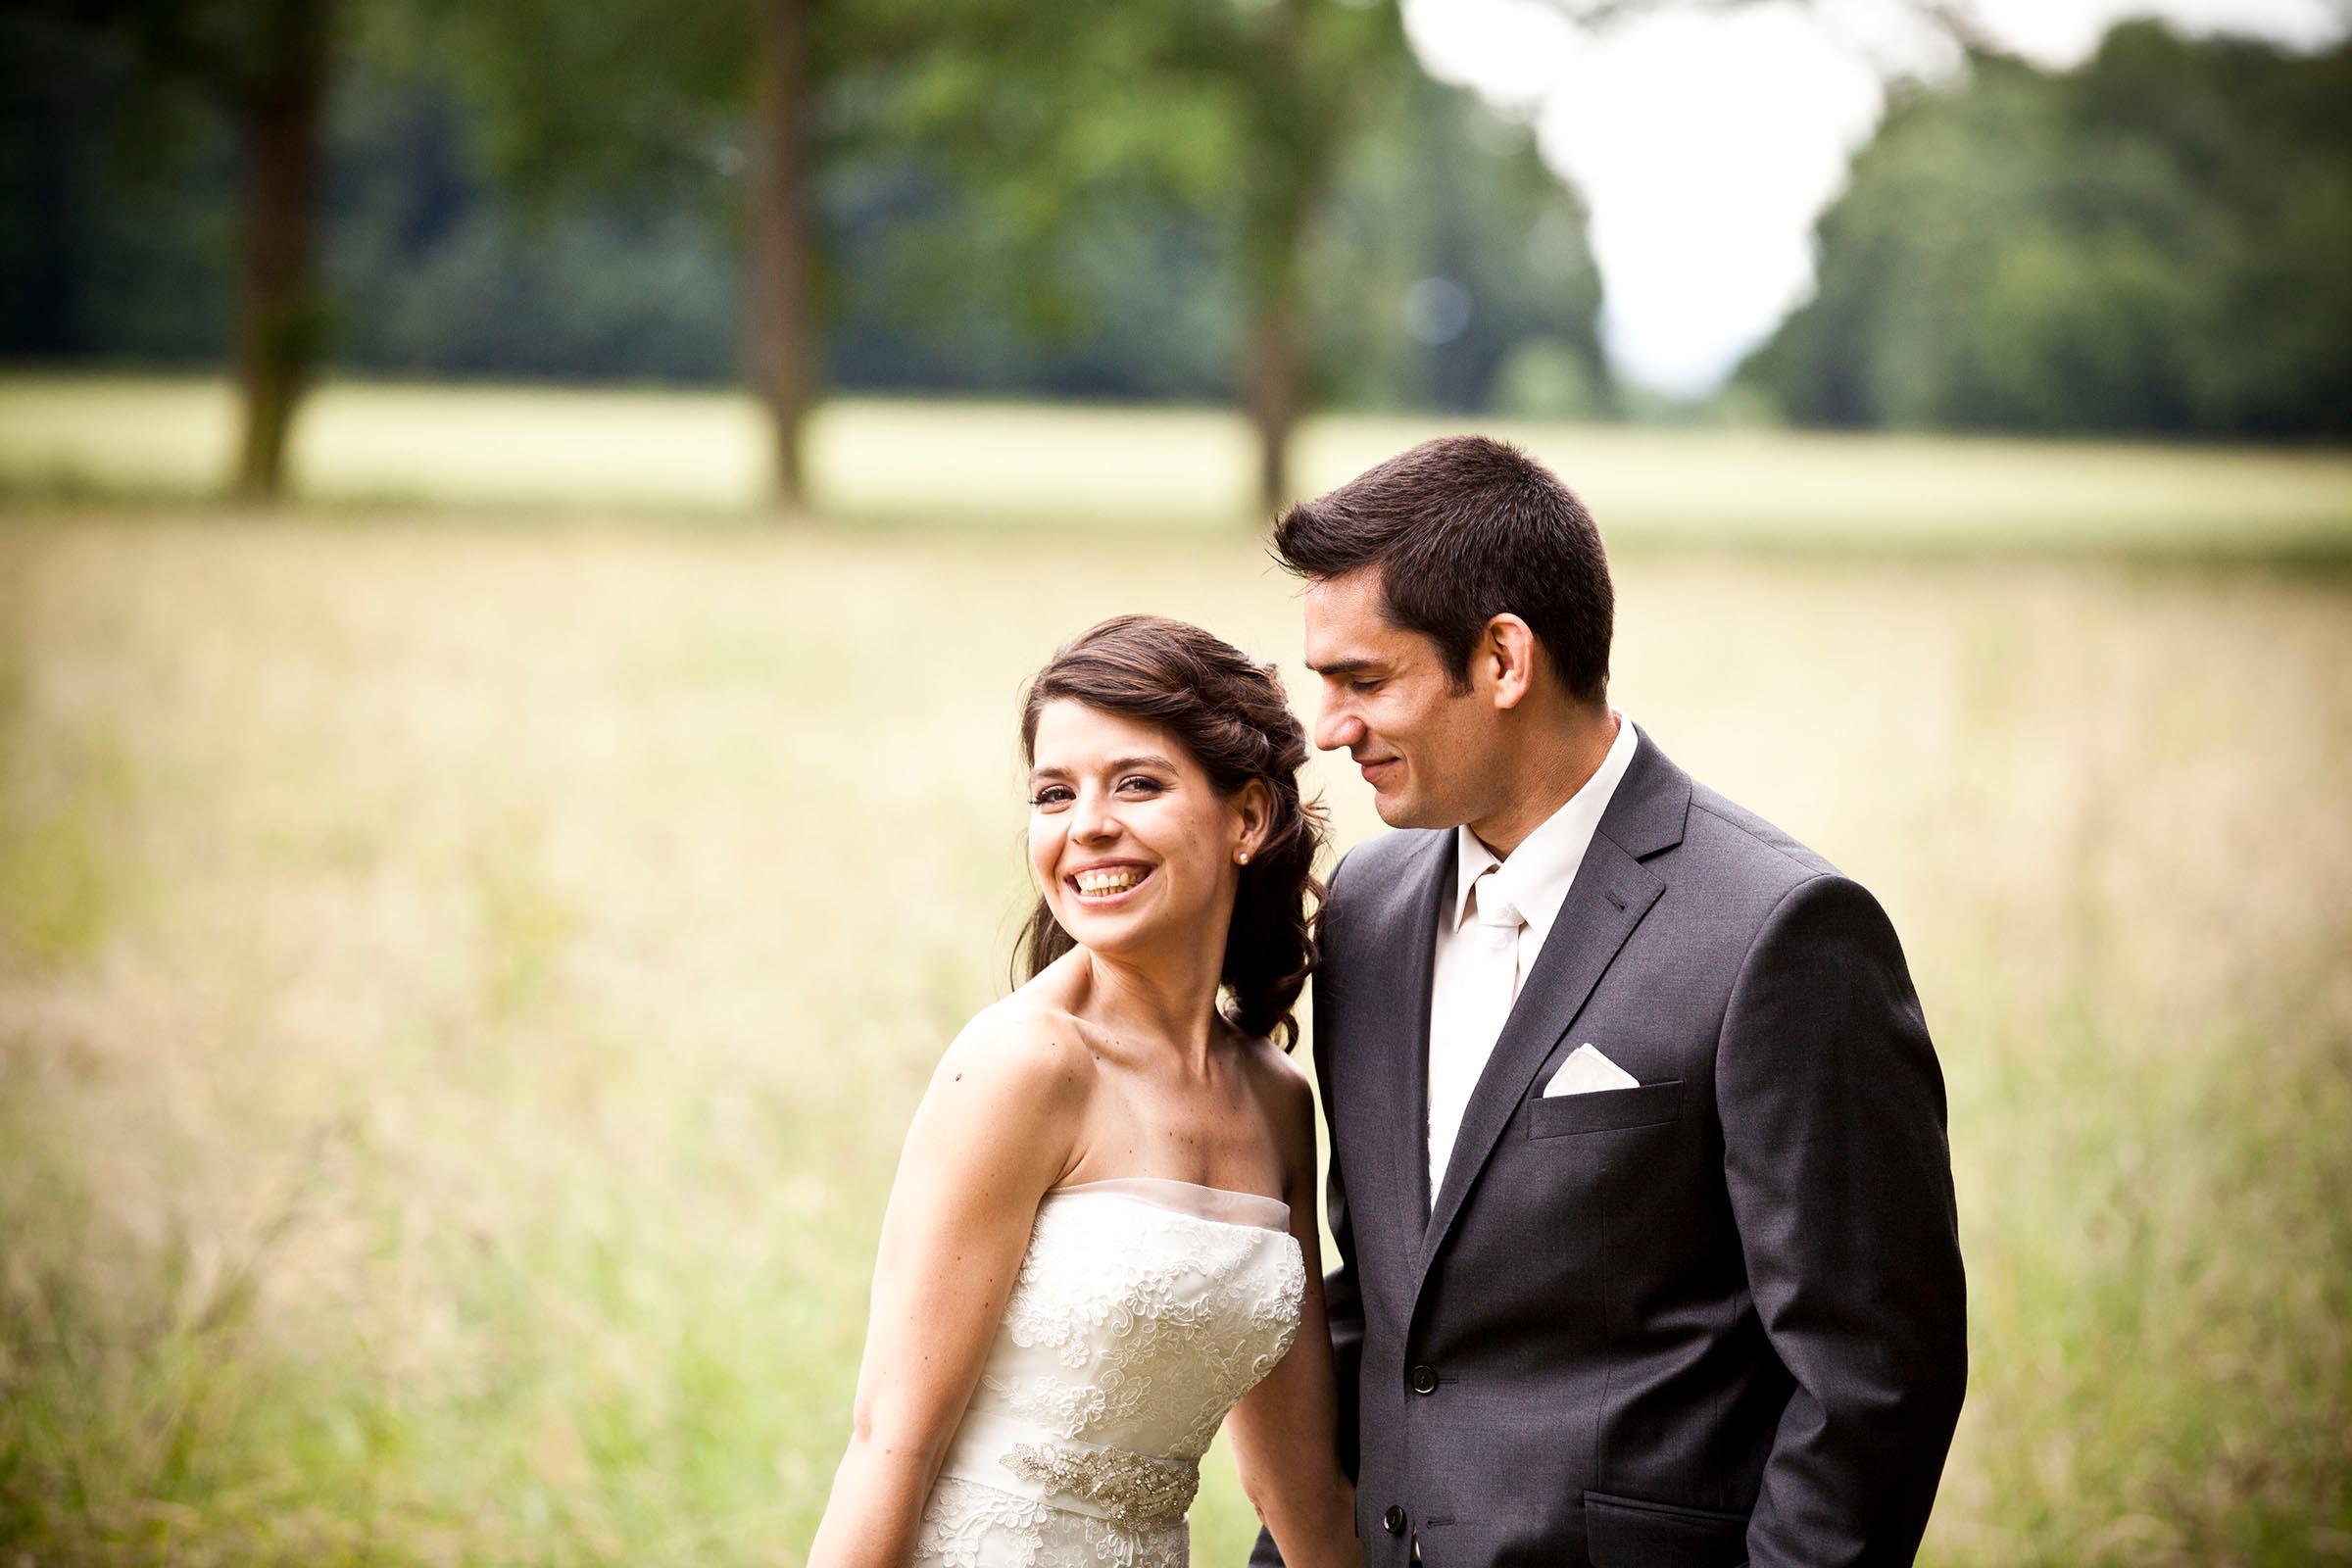 Hochzeitsfotografie-Eileen-Maes-Burg-Heimerzheim-38